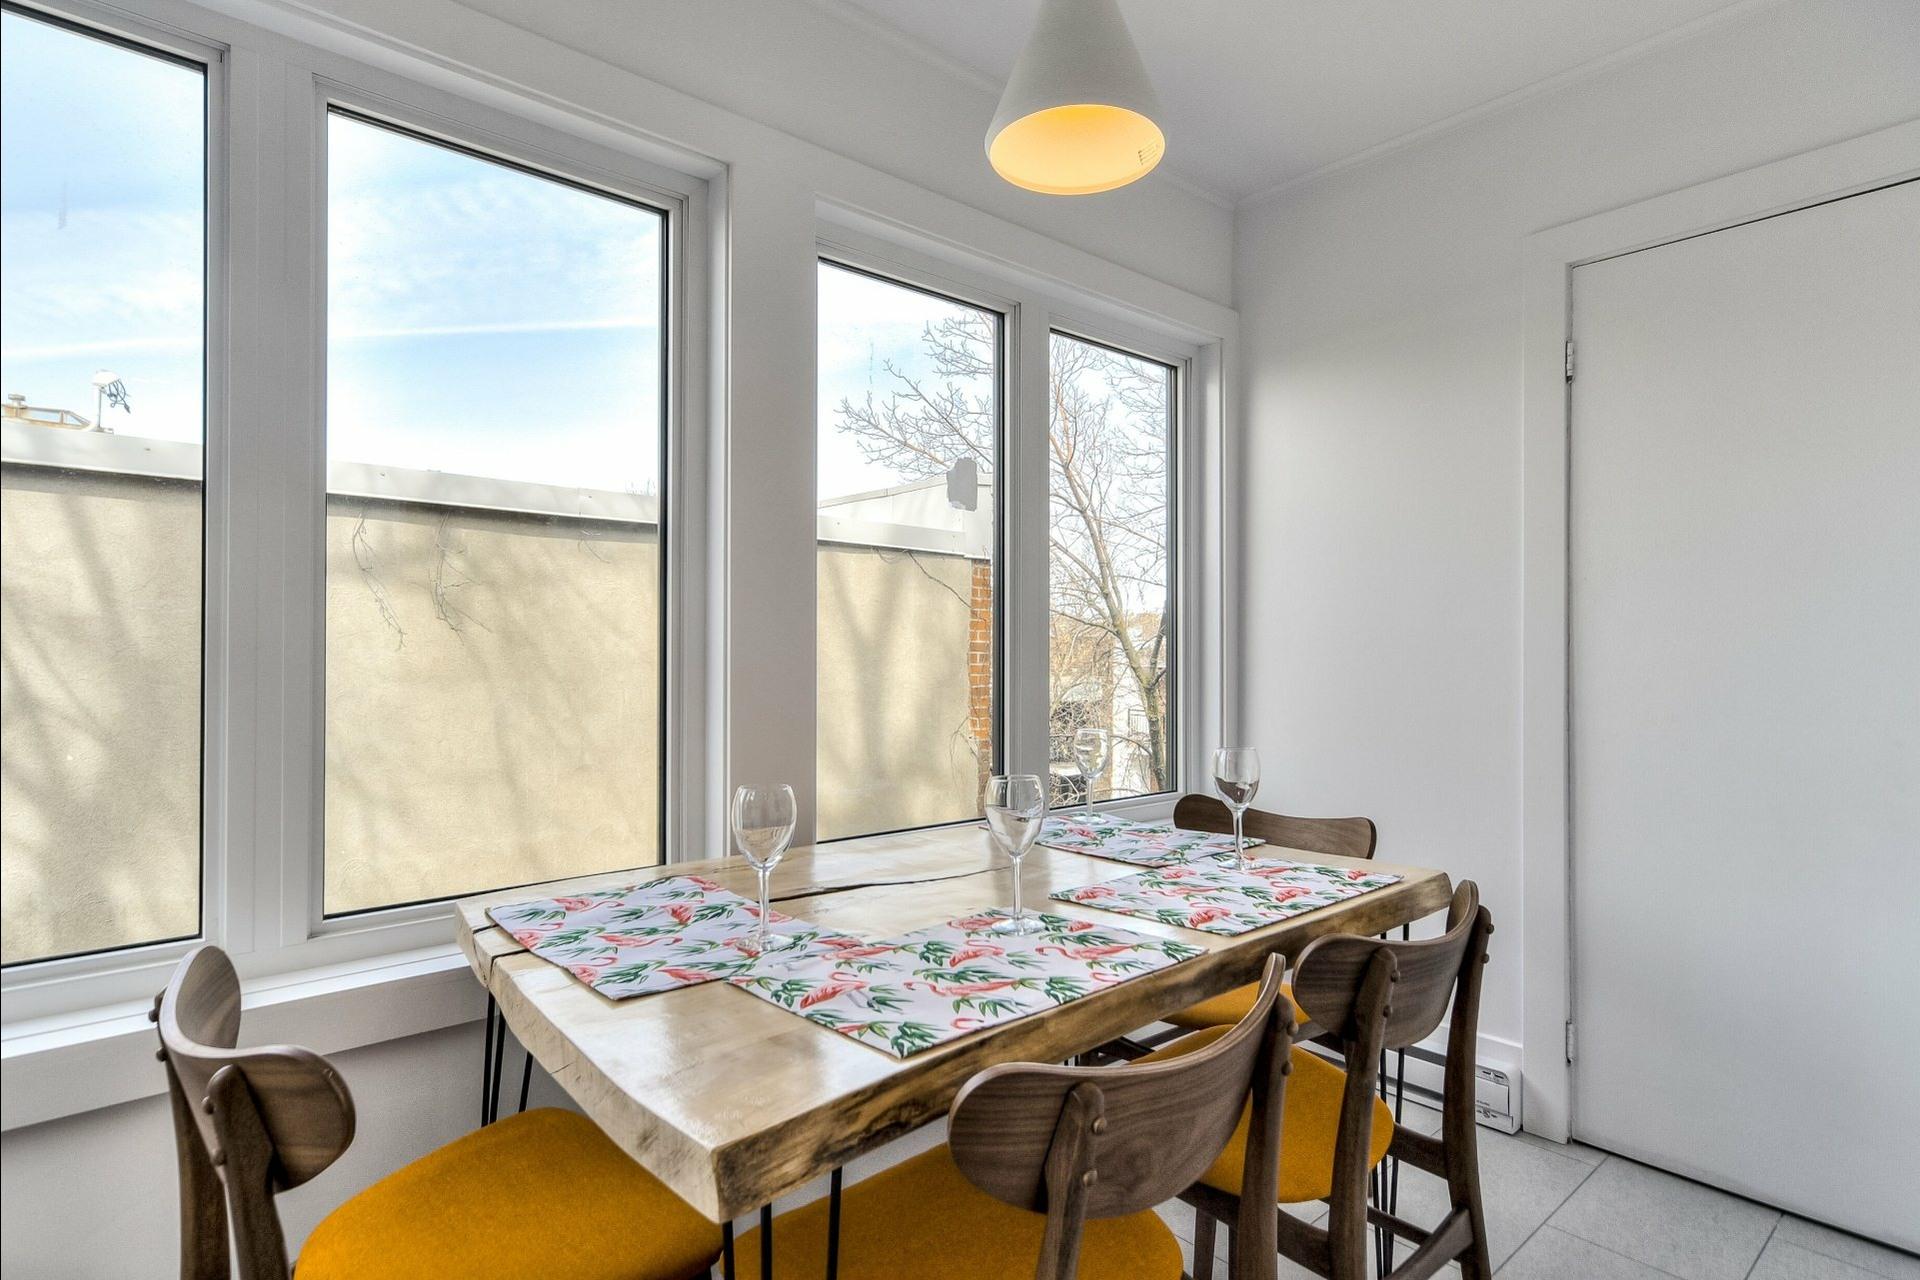 image 31 - Immeuble à revenus À vendre Montréal Villeray/Saint-Michel/Parc-Extension  - 3 pièces